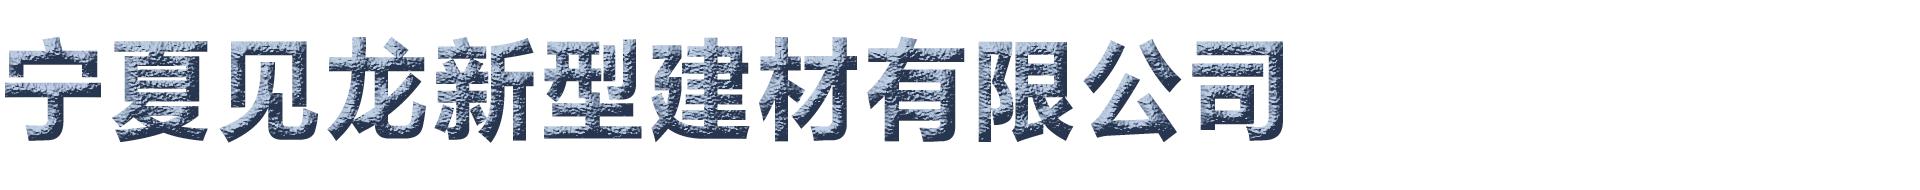 manbext万博官方见龙新型万博官网手机登陆建材有限公司